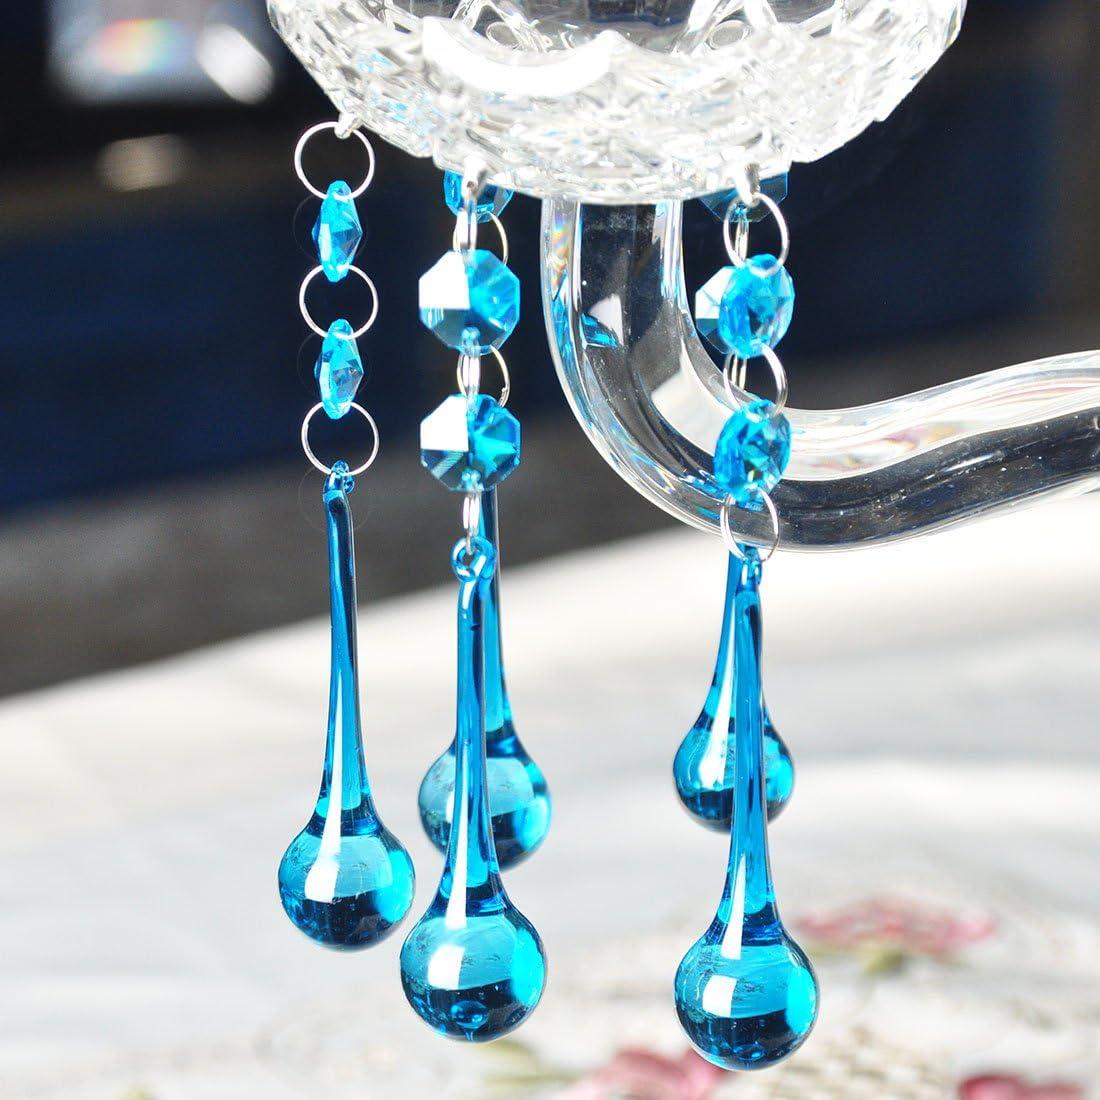 paquete de 5 y 10 color azul. 20 x 80 mm, 5 unidades Colgante de cristal con forma de oct/ágono o copo de nieve para candelabro luz de techo ECT